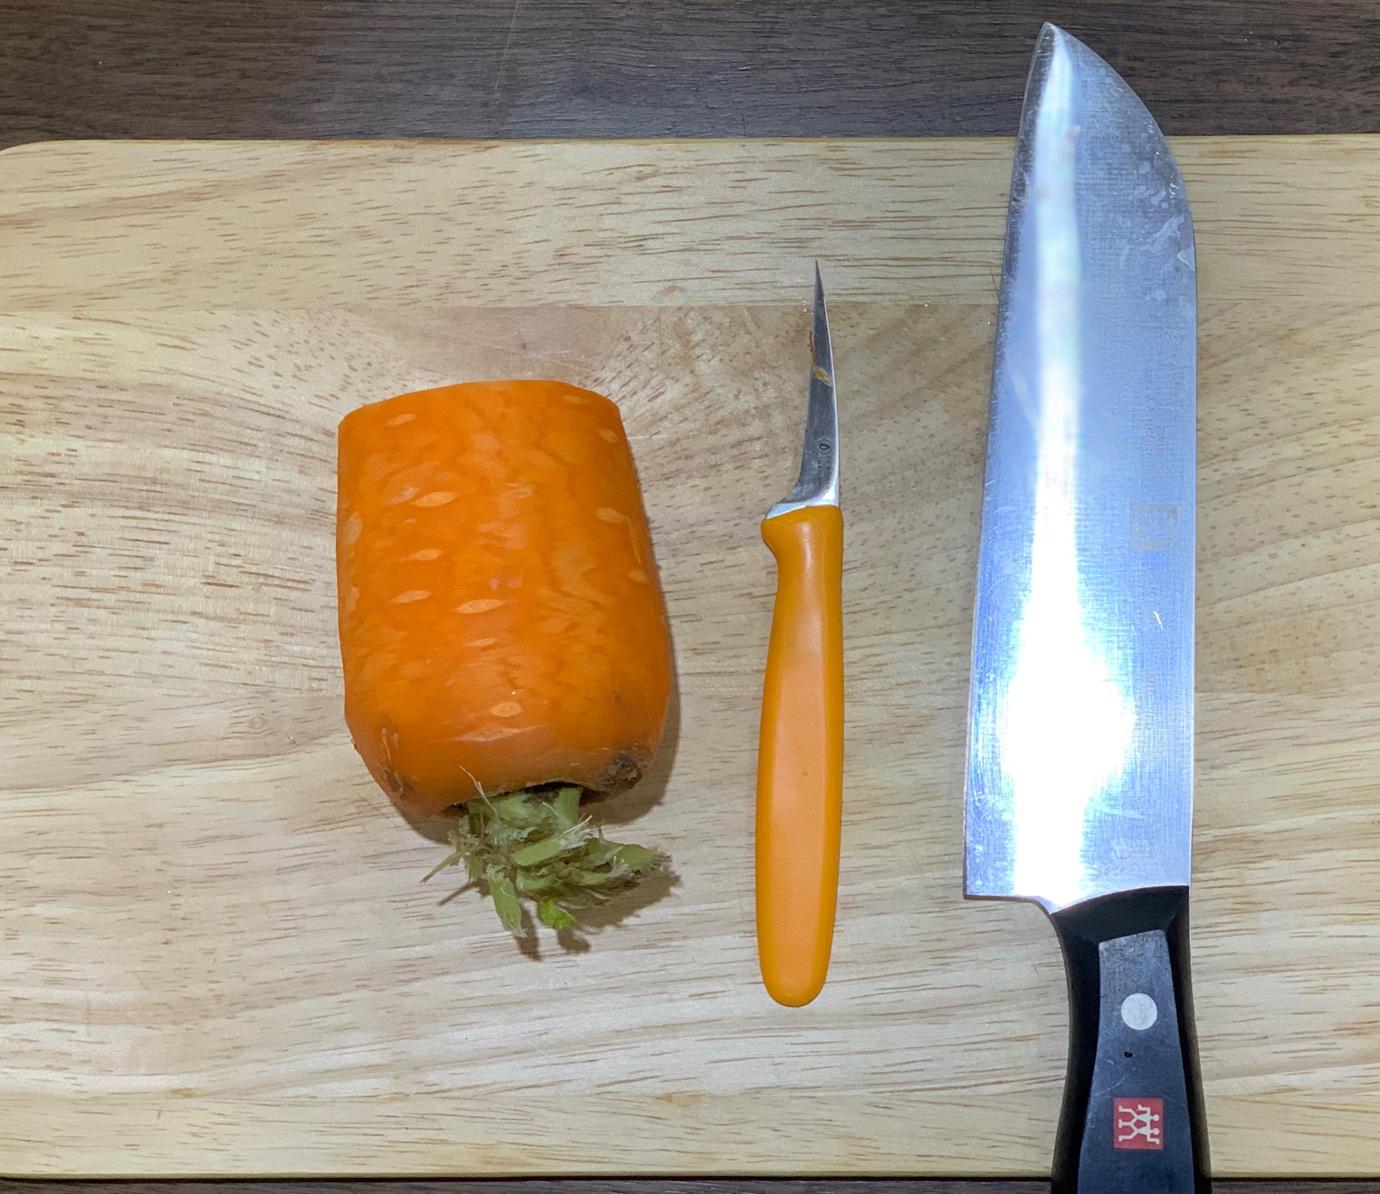 Việt Nam không có lá phong, học ngay cách cắt tỉa cà rốt thành lá phong trang trí đĩa ăn thật lãng mạn - Ảnh 2.